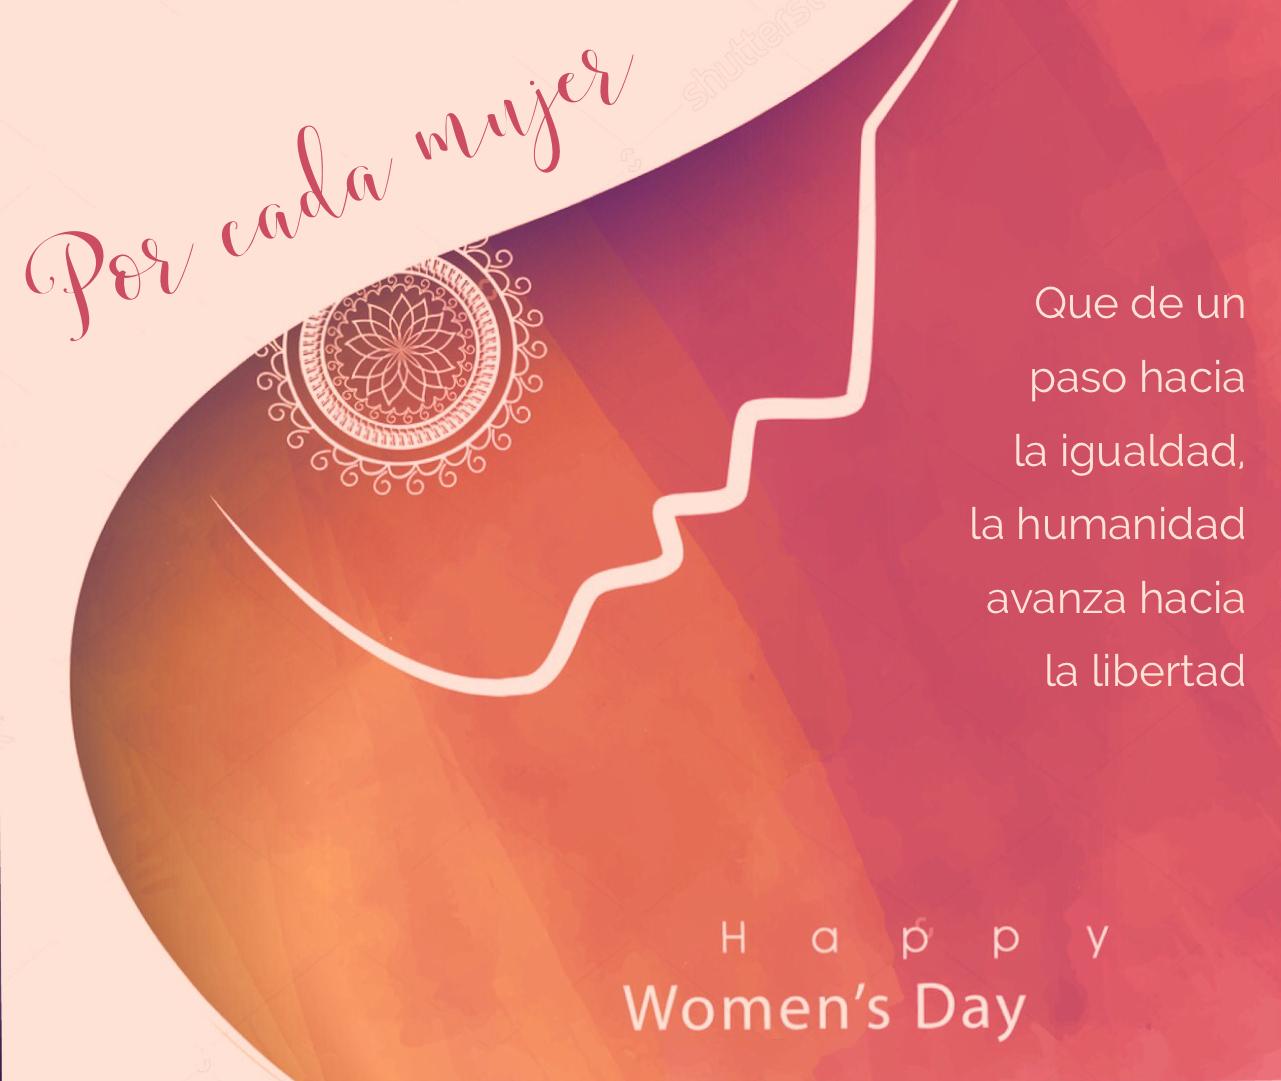 18 Ideas De Día De La Mujer Dia De La Mujer Feliz Día De La Mujer Feliz Día